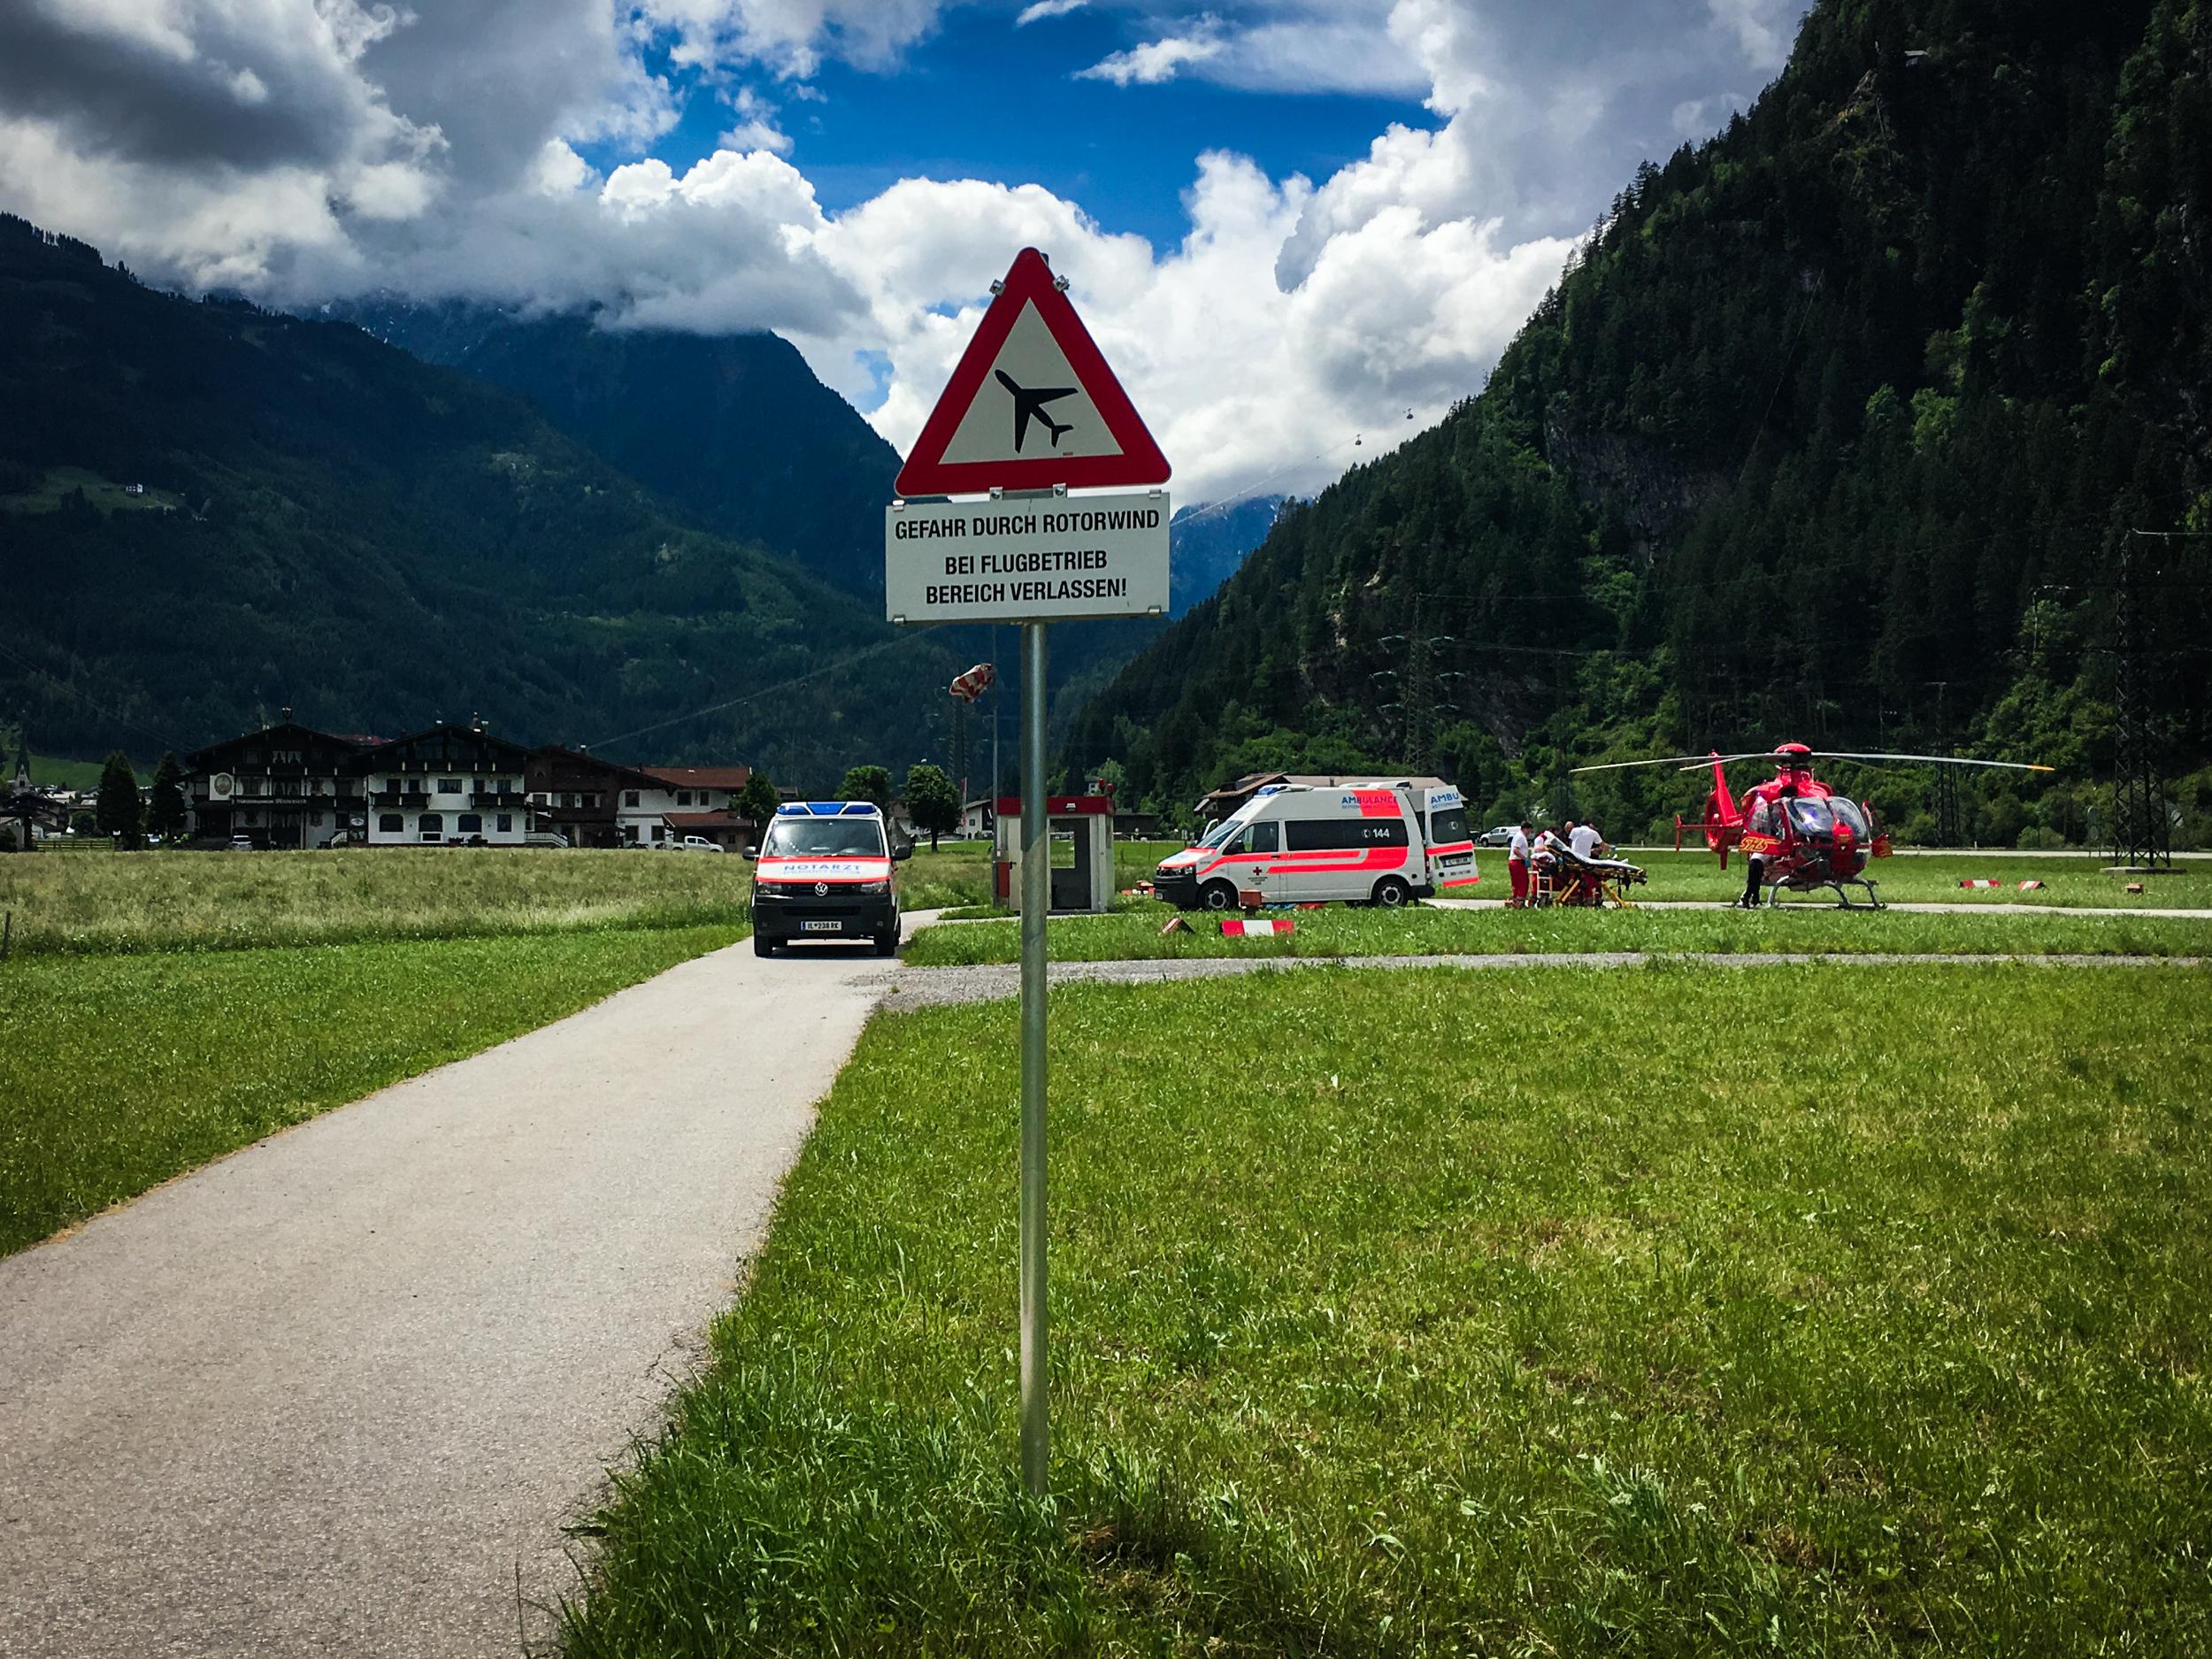 Hubschrauber Landungplatz Mayrhofen gestern in einsatz